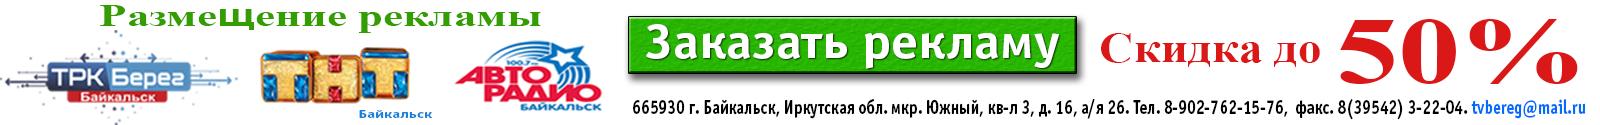 ТРК Берег Байкальск